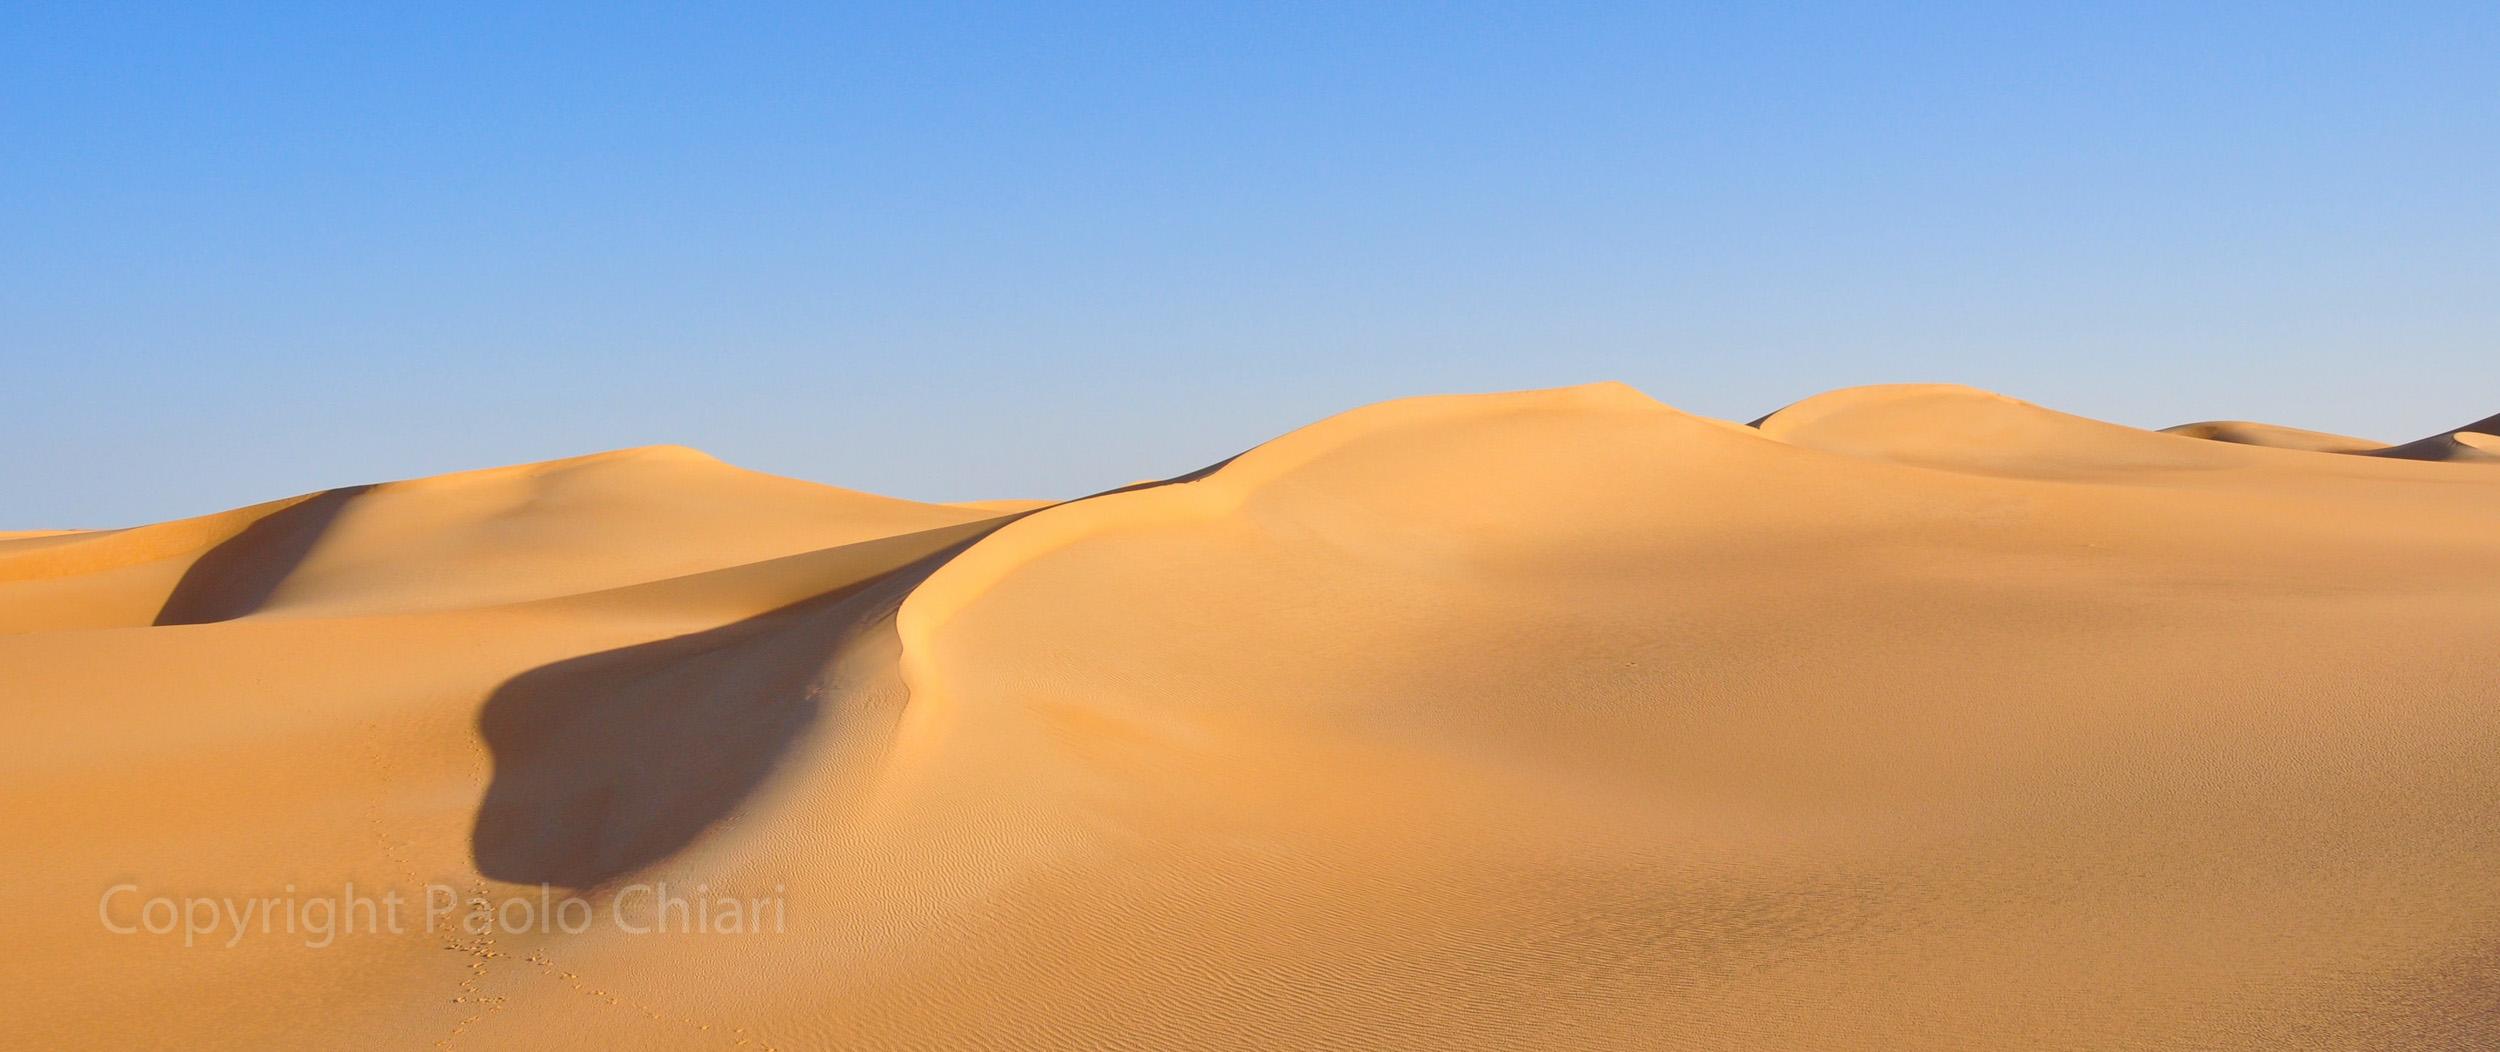 libia2010a_819